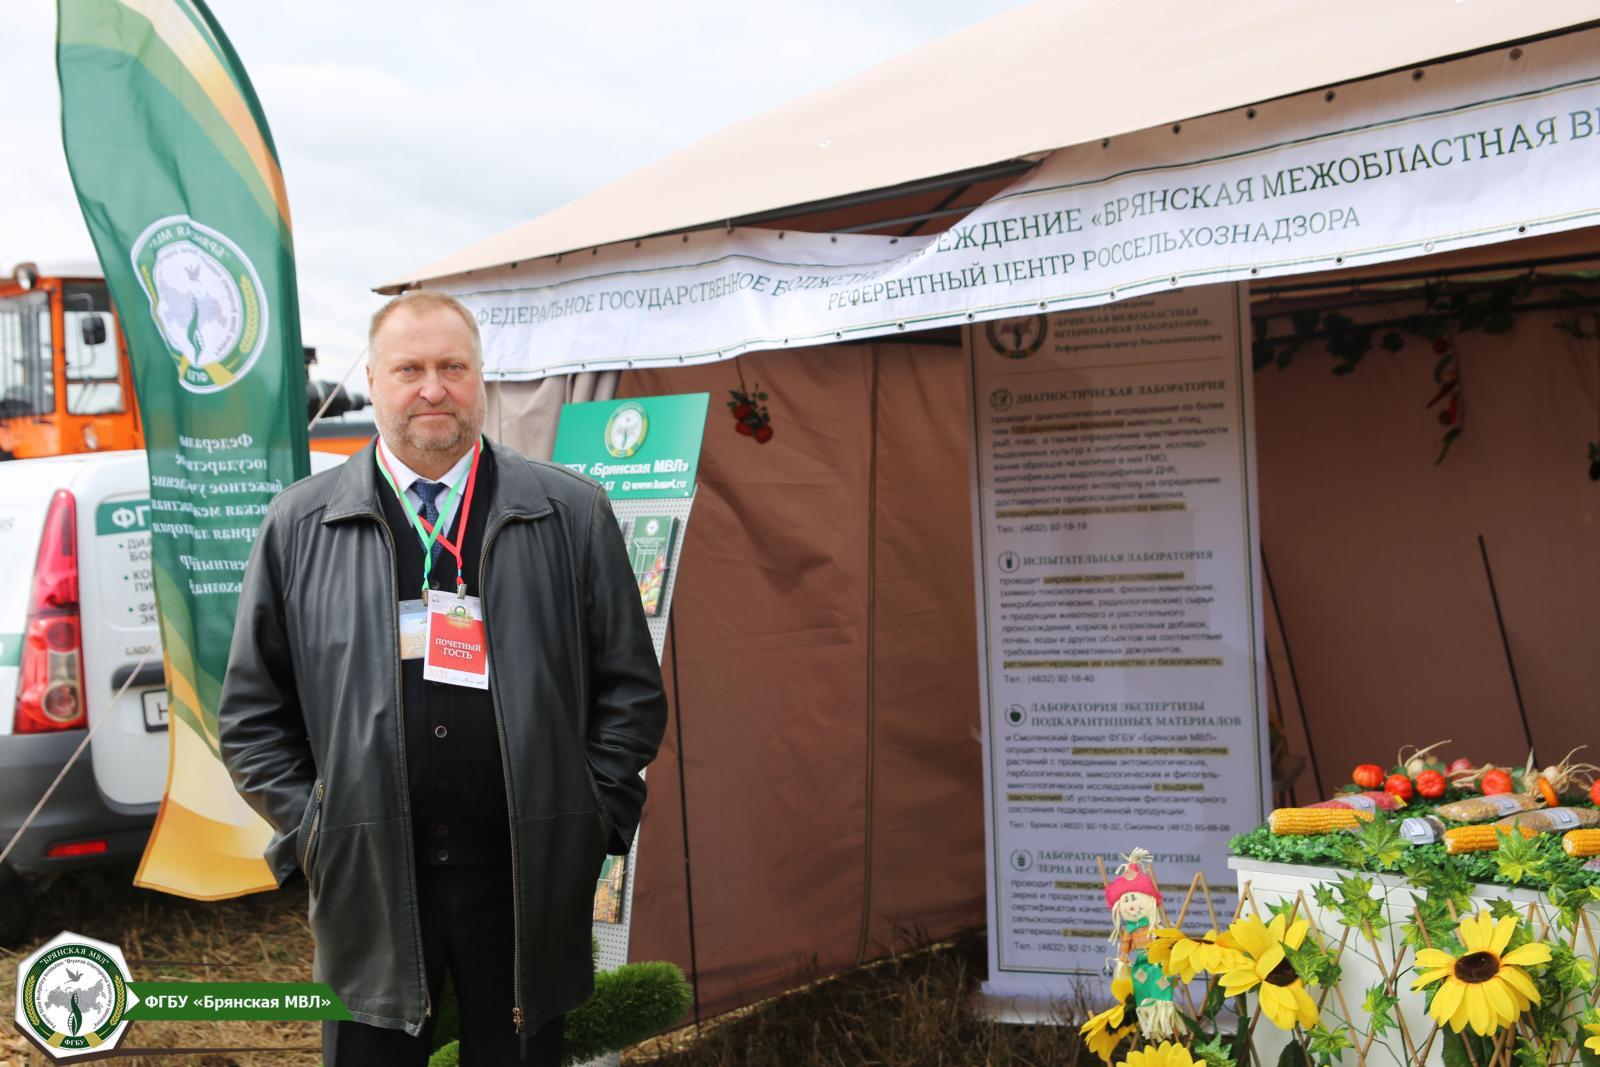 Смоленский филиал ФГБУ «Брянская МВЛ» принял участие в выставке-демонстрации «День Смоленского поля – 2021»